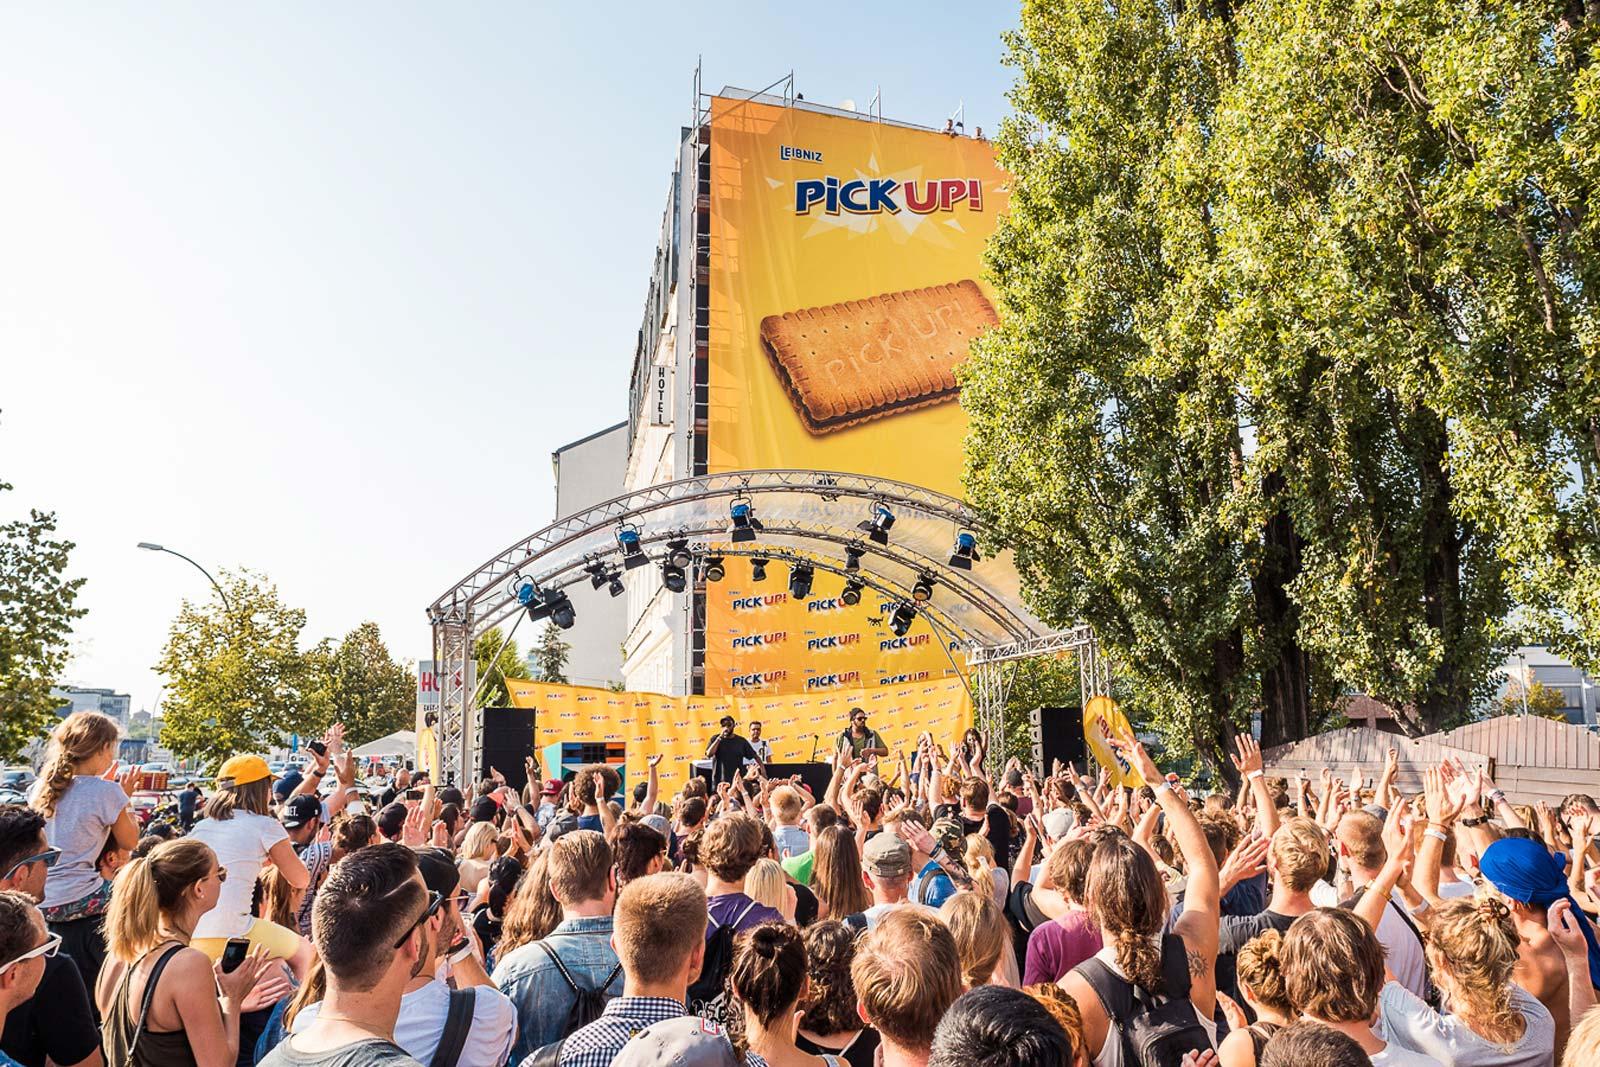 Mehr als 700 Menschen waren beim Pick Up Konzert in Berlin dabei.